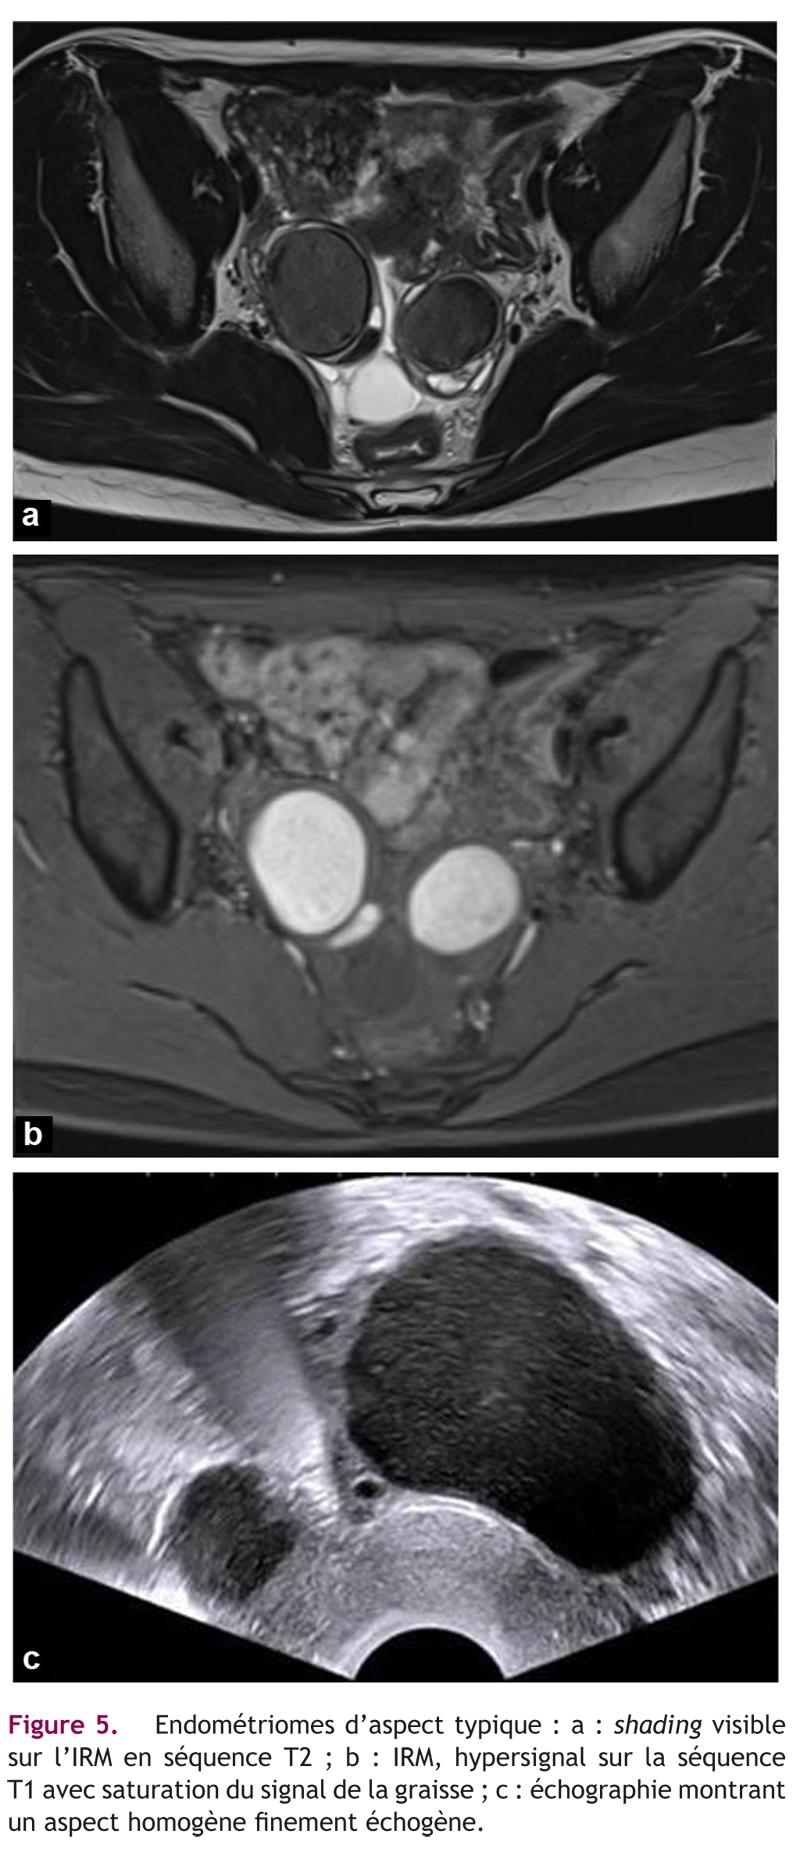 Figure 5. Endométriomes d'aspect typique : a : shading visiblesur l'IRM en séquence T2 ; b : IRM, hypersignal sur la séquenceT1 avec saturation du signal de la graisse ; c : échographie montrantun aspect homogène finement échogène.